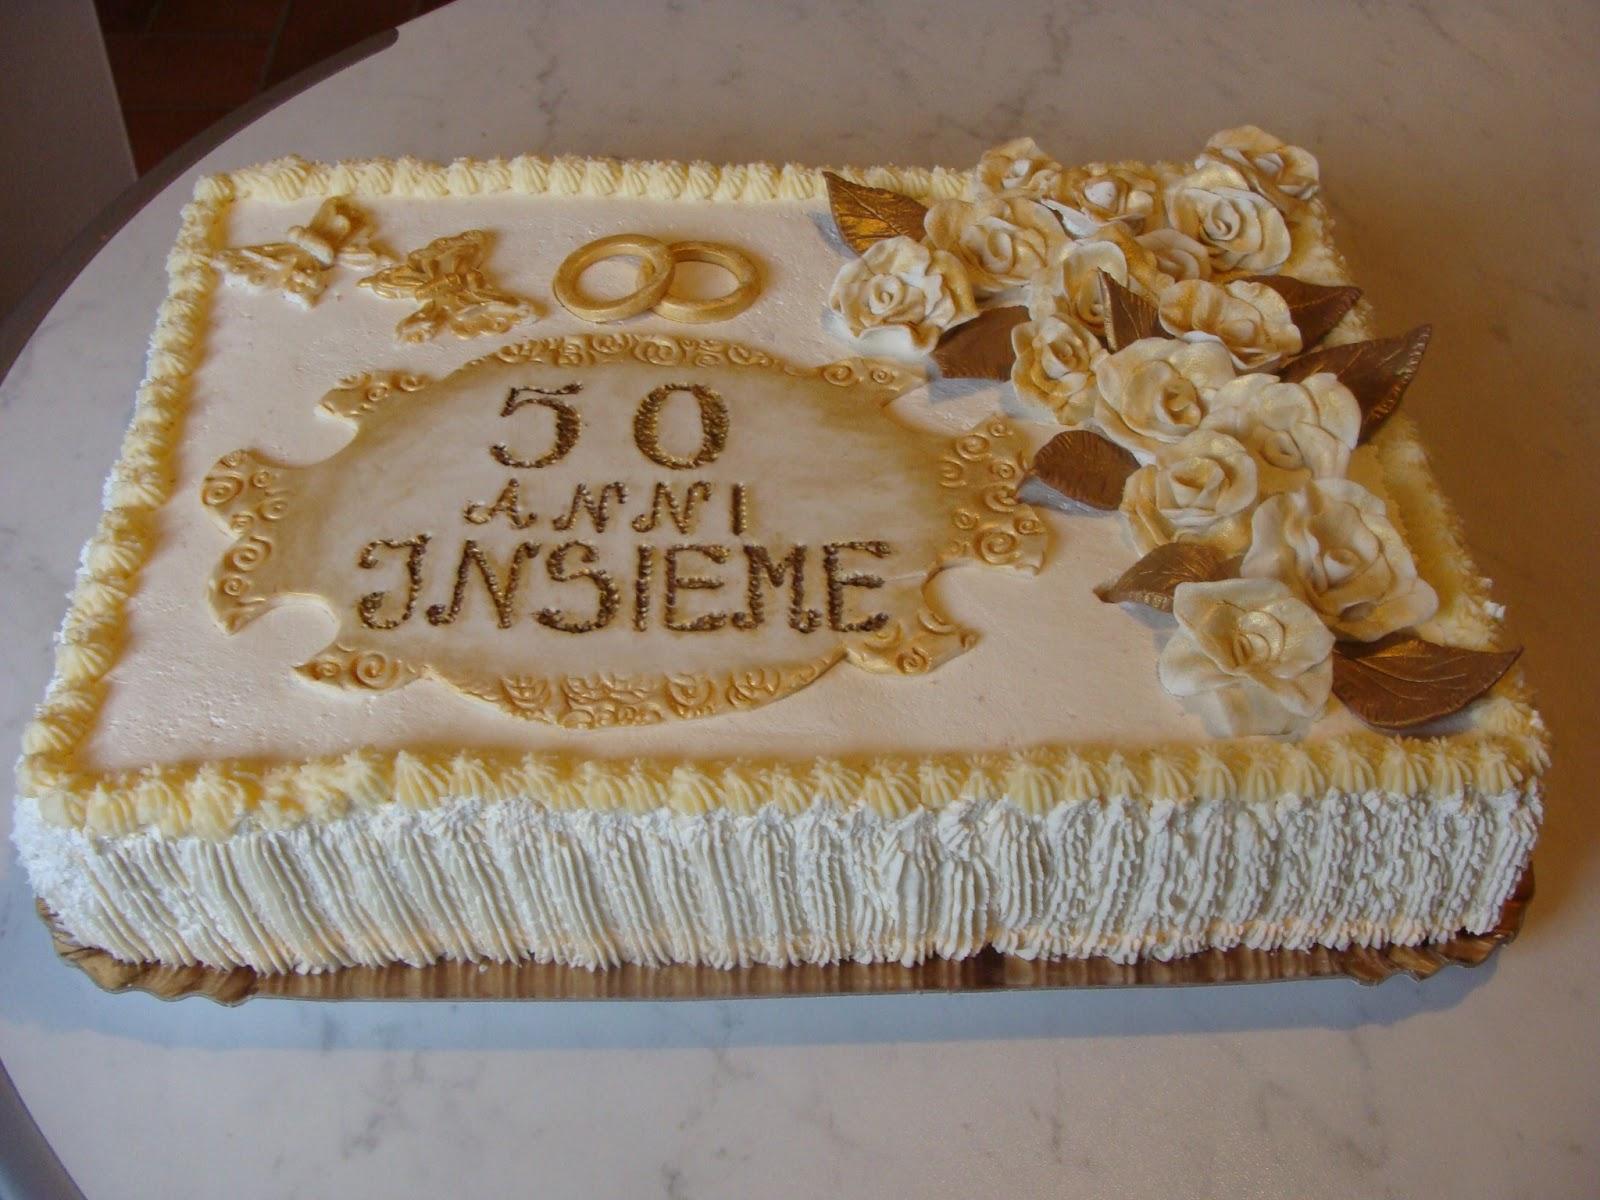 Le torte di aneta torta anniversario del matrimonio for Decorazione torte per 50 anni di matrimonio